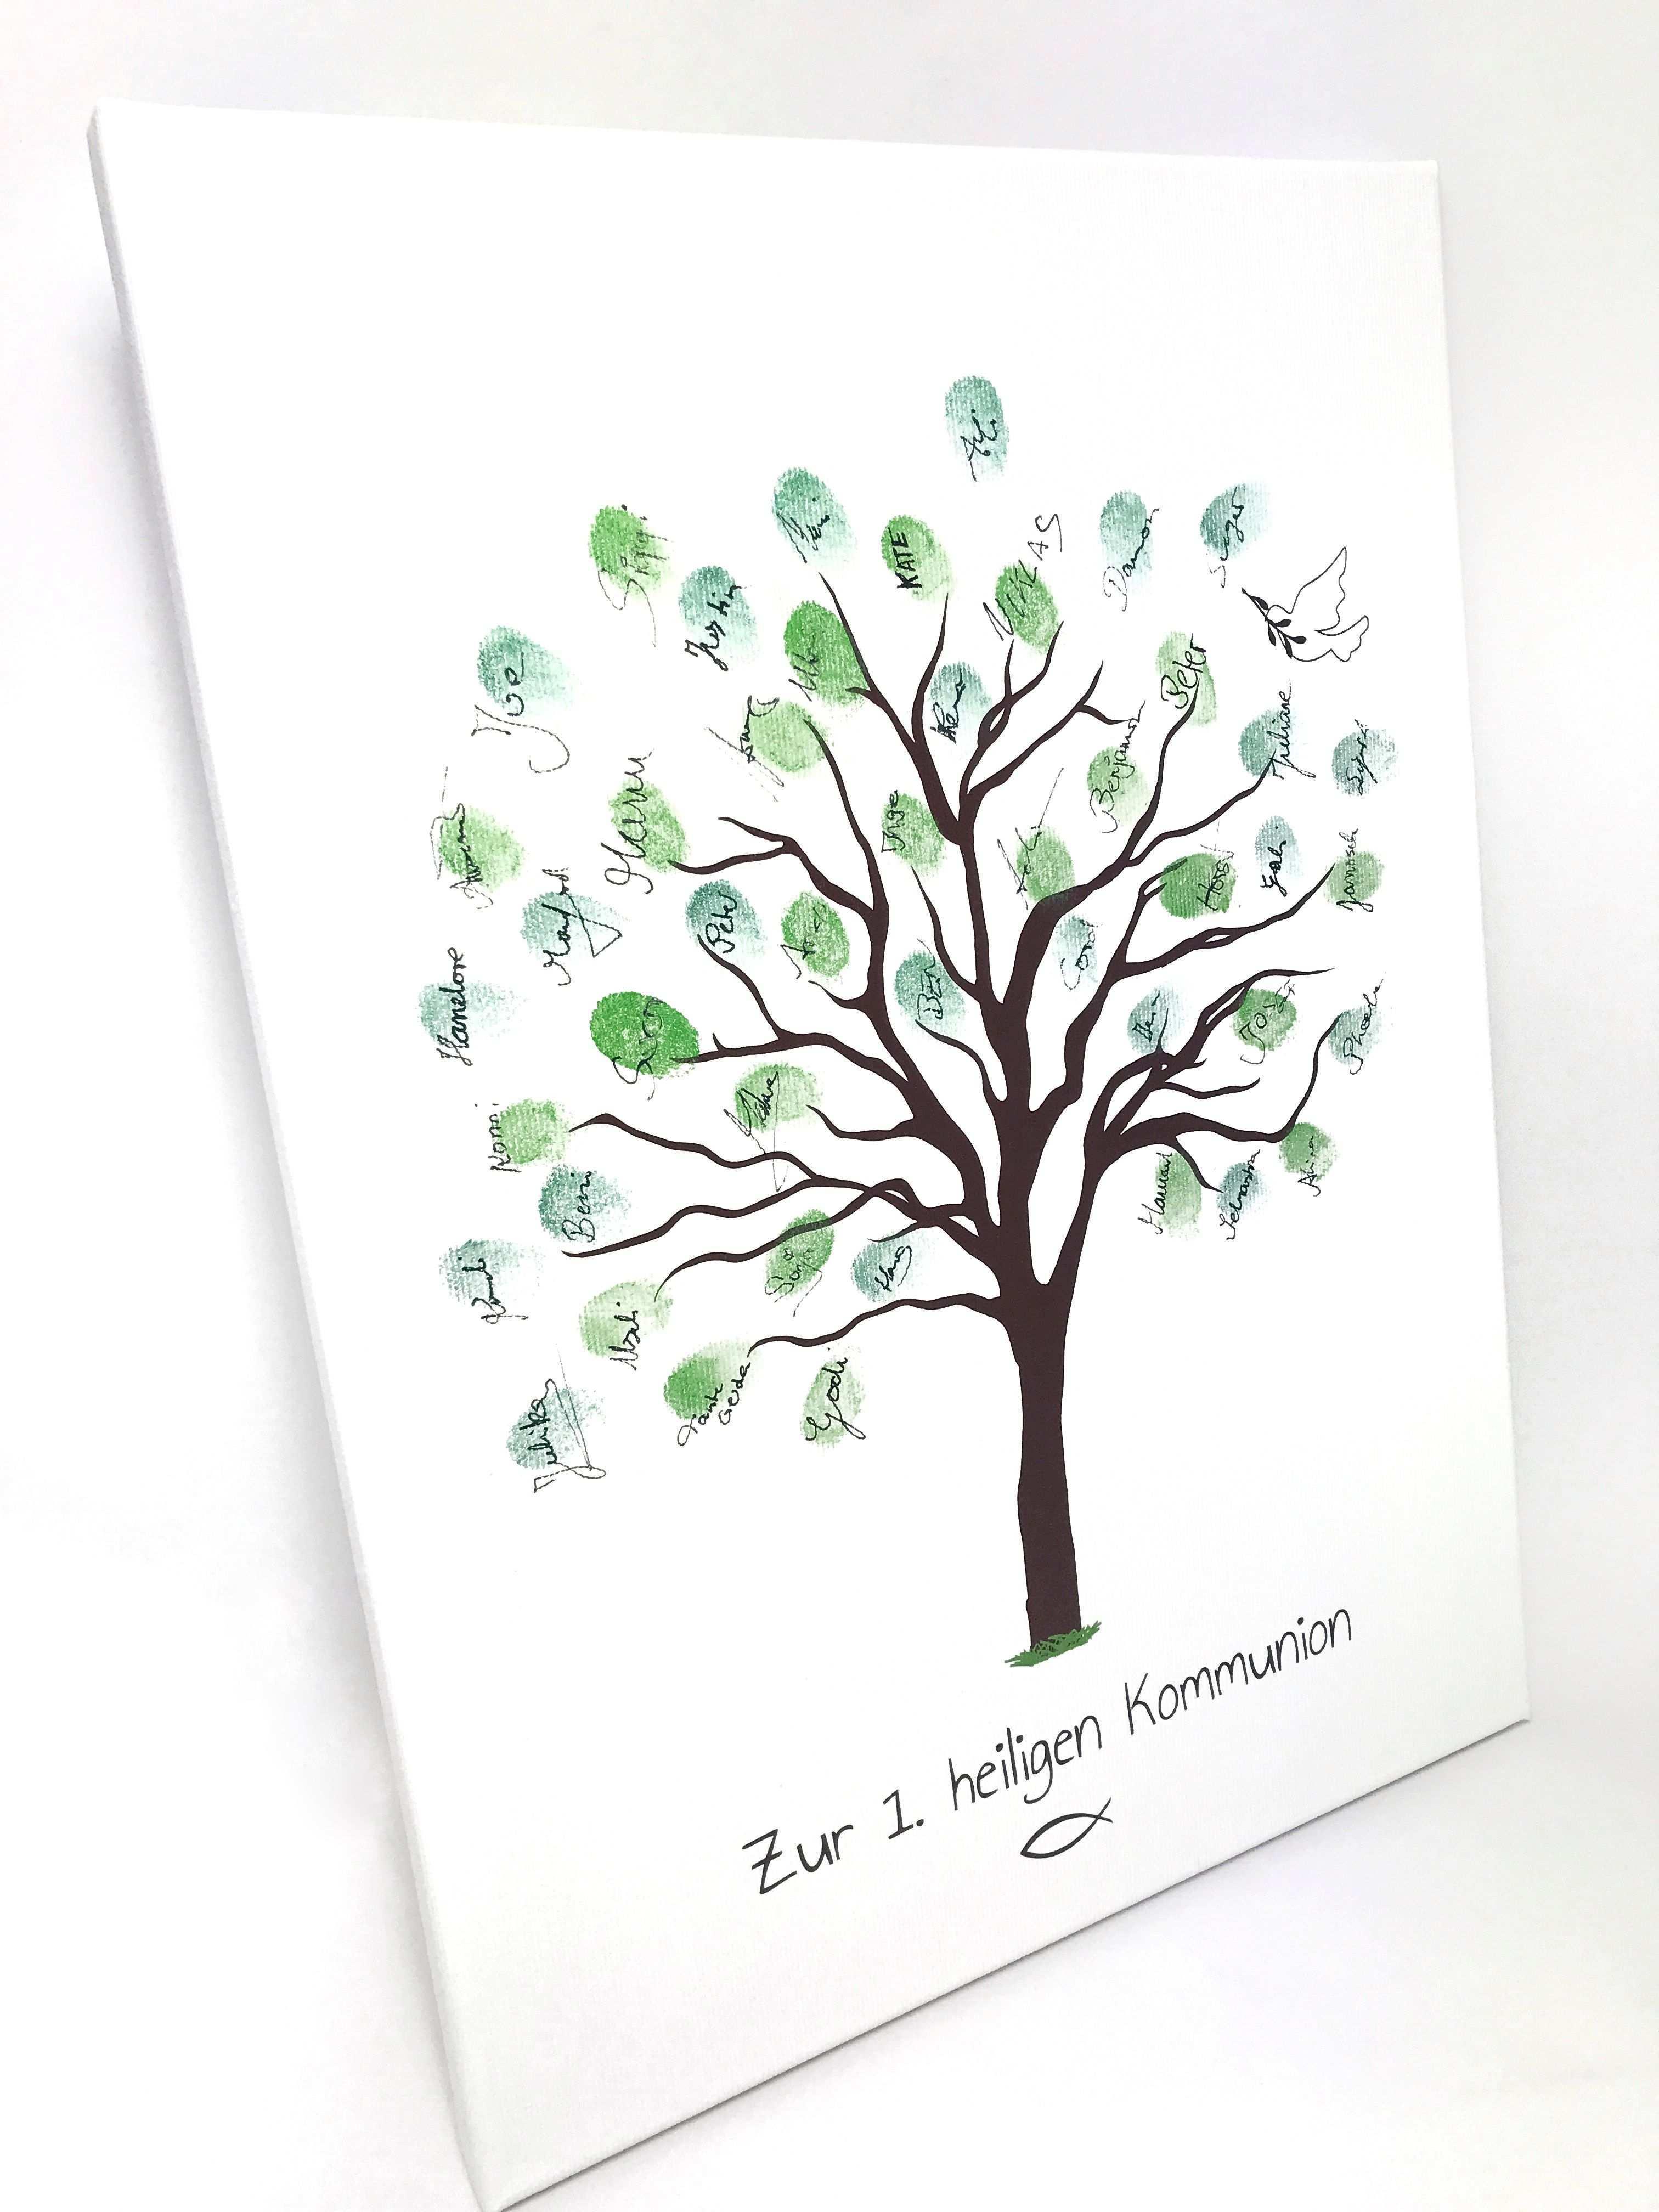 Leinwand Als Gastebuch Fur Die Kommunion Die Gaste Hauchen Durch Ihren Fingerabdruck Dem Baum Leben In Form V Kommunion Geschenke Zur Kommunion Erstkommunion